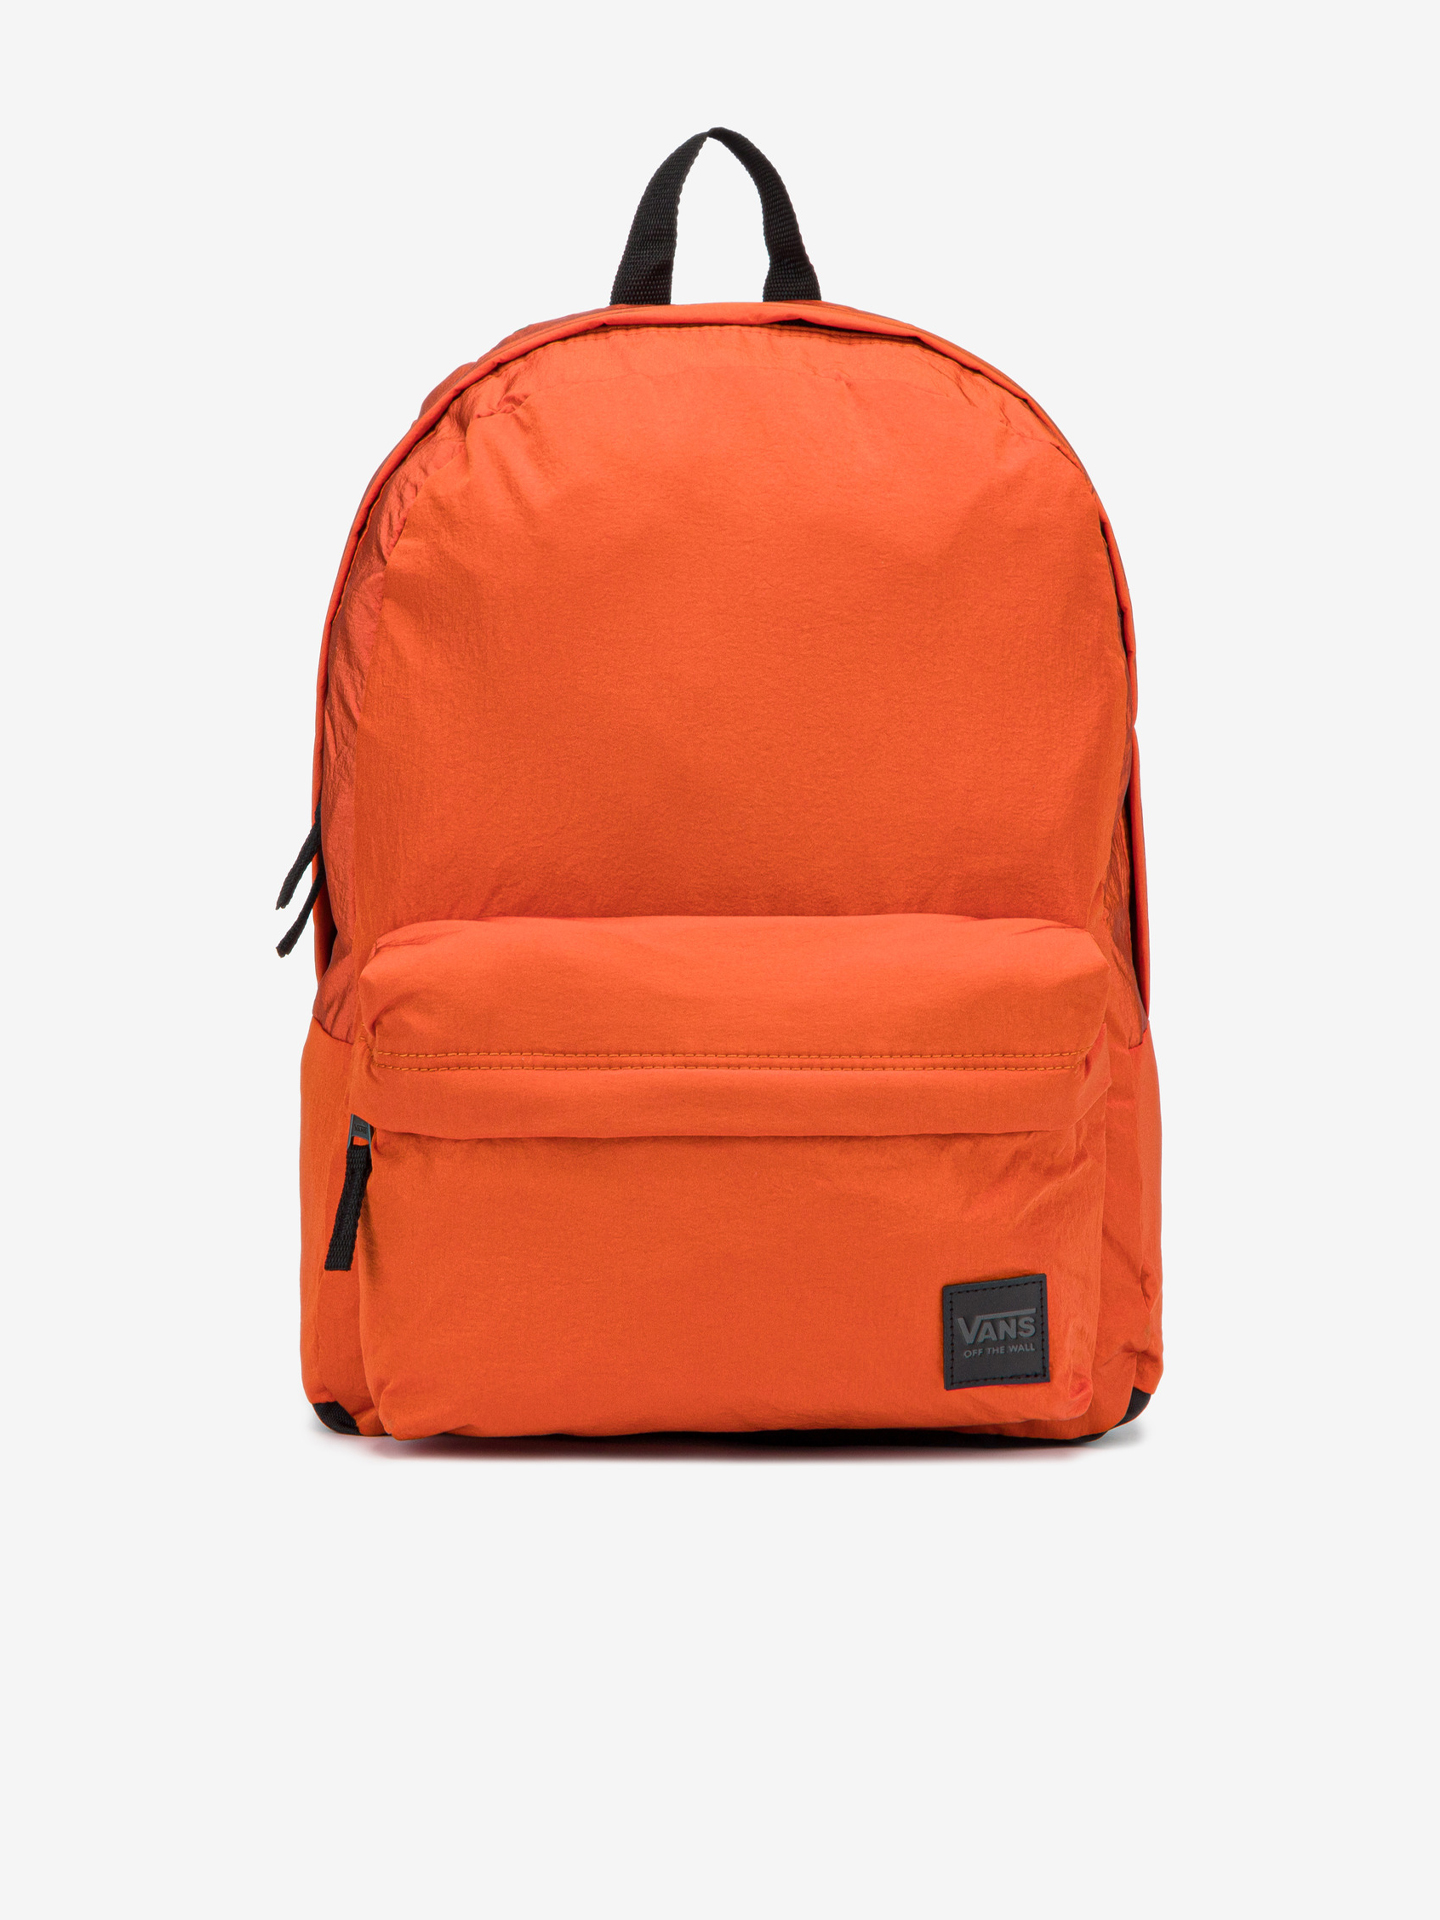 Vans portocalii rucsac